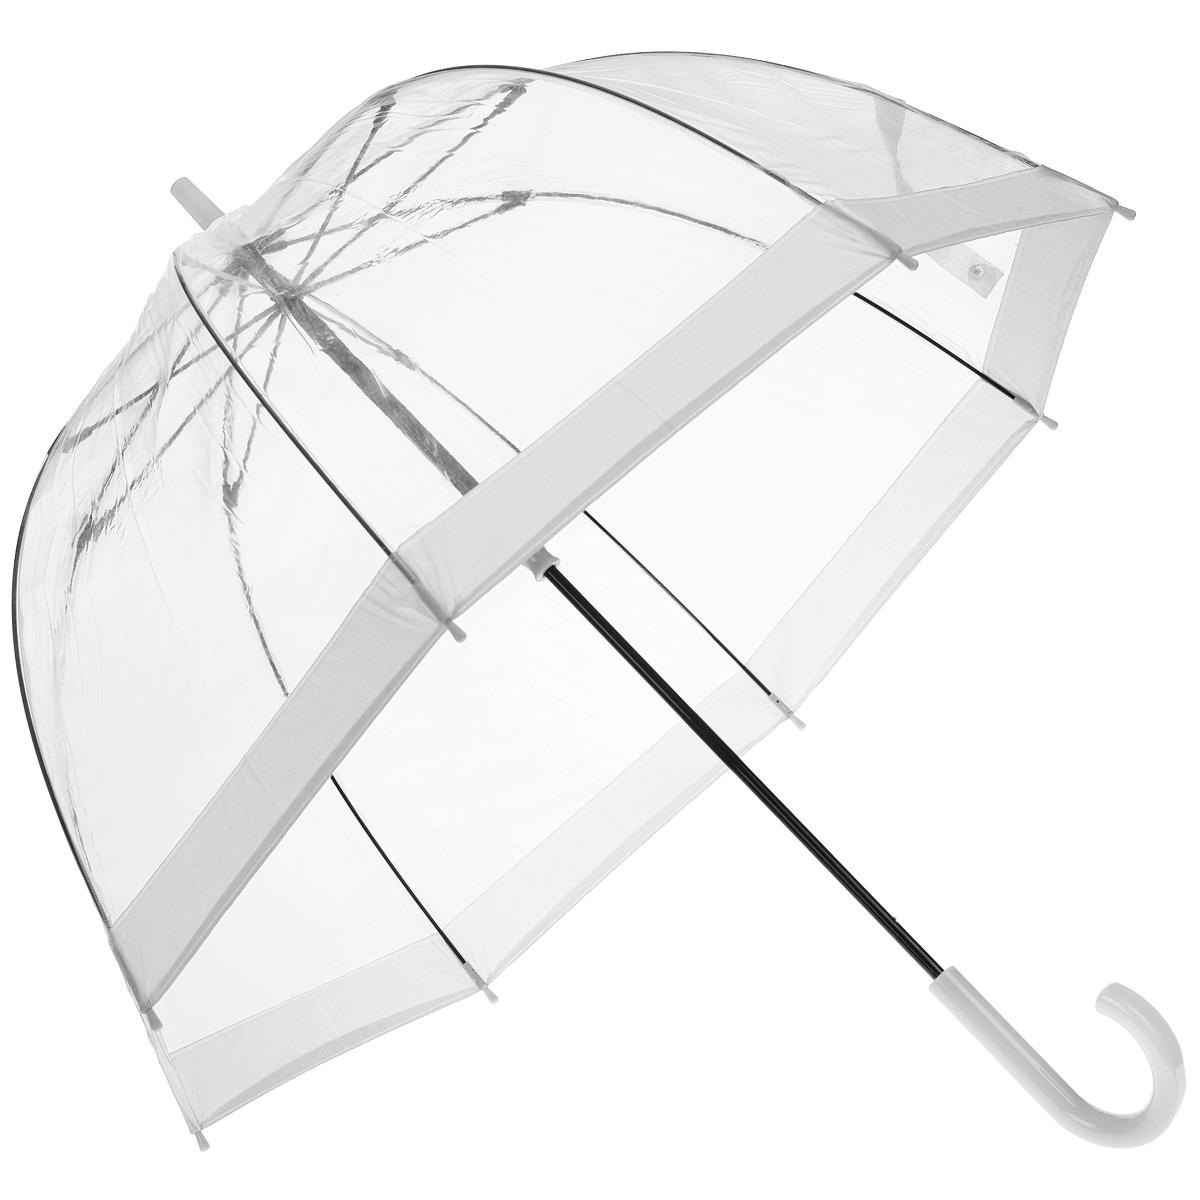 Зонт-трость женский Bird cage, механический, цвет: прозрачный, белый8L035081M/35449/2900NСтильный куполообразный зонт-трость Bird cage, закрывающий голову и плечи, даже в ненастную погоду позволит вам оставаться элегантной. Каркас зонта выполнен из 8 спиц из фибергласса, стержень изготовлен из стали. Купол зонта выполнен из прозрачного ПВХ. Рукоятка закругленной формы разработана с учетом требований эргономики и изготовлена из пластика. Зонт имеет механический тип сложения: купол открывается и закрывается вручную до характерного щелчка.Такой зонт не только надежно защитит вас от дождя, но и станет стильным аксессуаром. Характеристики:Материал: ПВХ, сталь, фибергласс, пластик. Диаметр купола: 89 см.Цвет: прозрачный, белый. Длина стержня зонта: 84 см. Длина зонта (в сложенном виде): 94 см.Вес: 540 г.Артикул:L041 3F002.